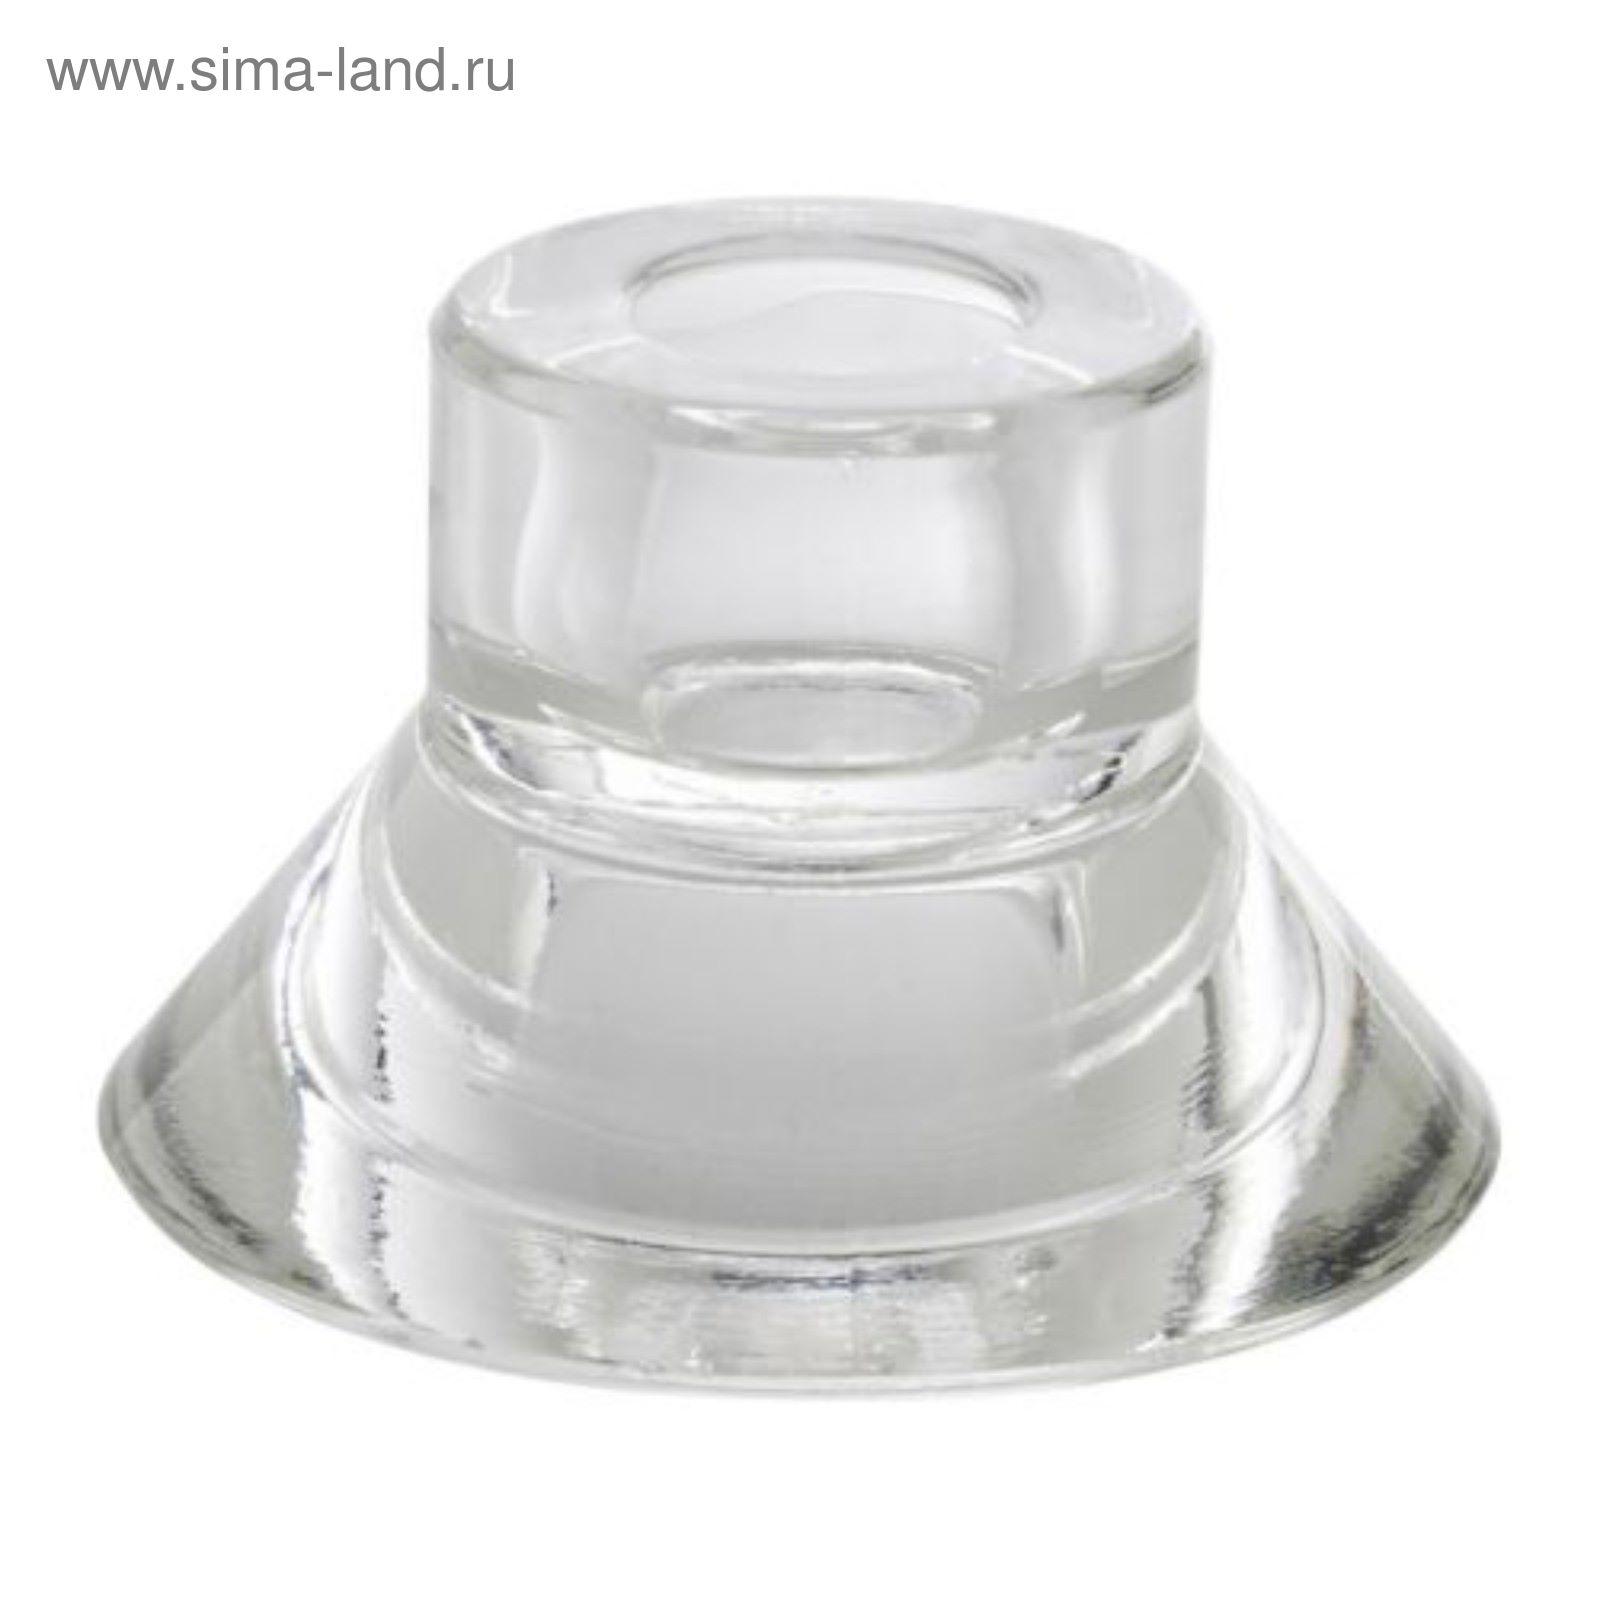 подсвечник для свечигреющей свечи неглинге 2376217 купить по